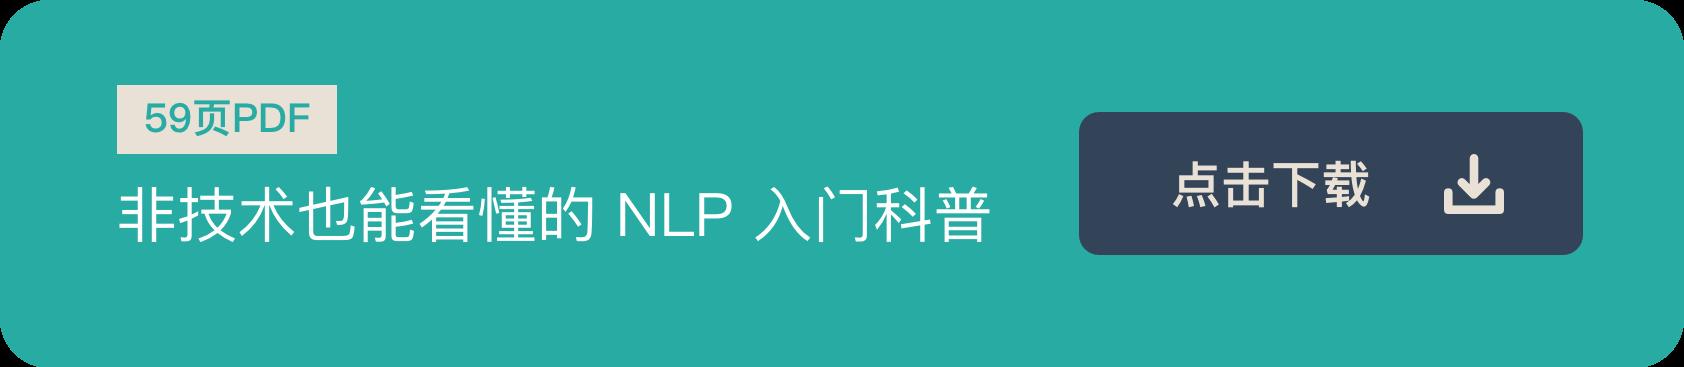 下载《非技术也能看懂的 NLP 入门科普》